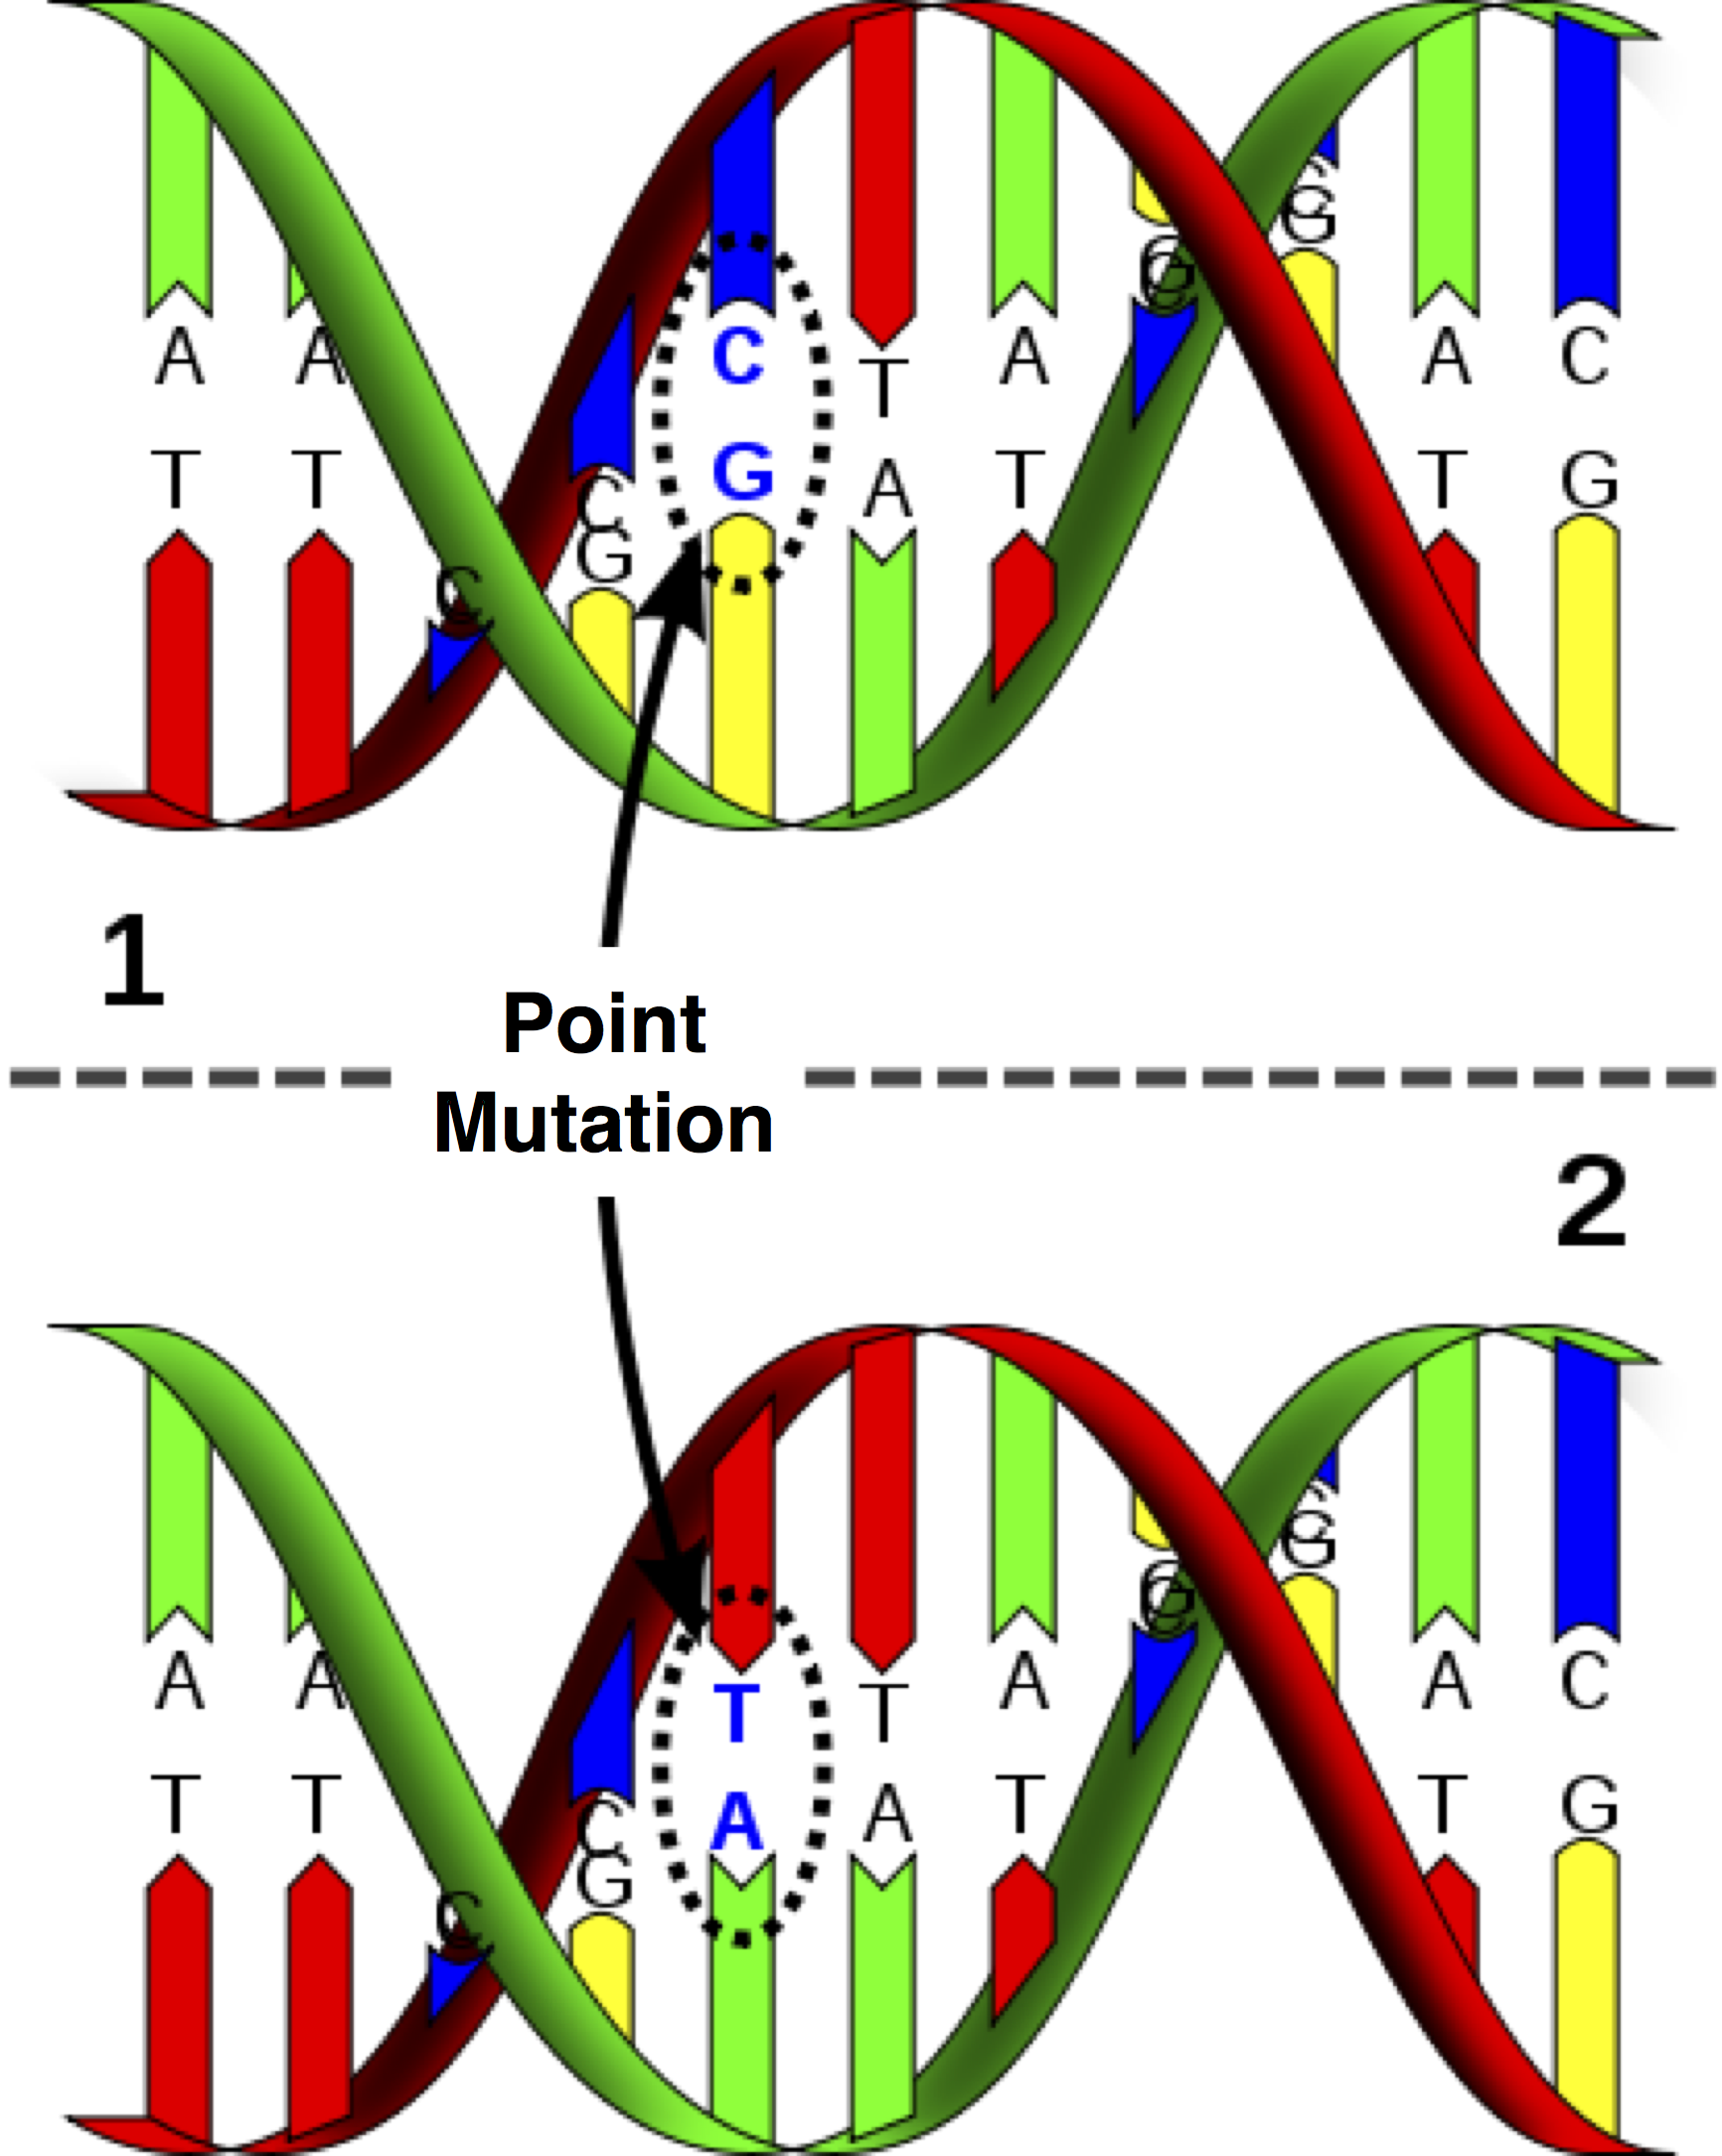 Nokta mutasyonun görsel örneği... Nükleotitin değiştiğine dikkat ediniz.